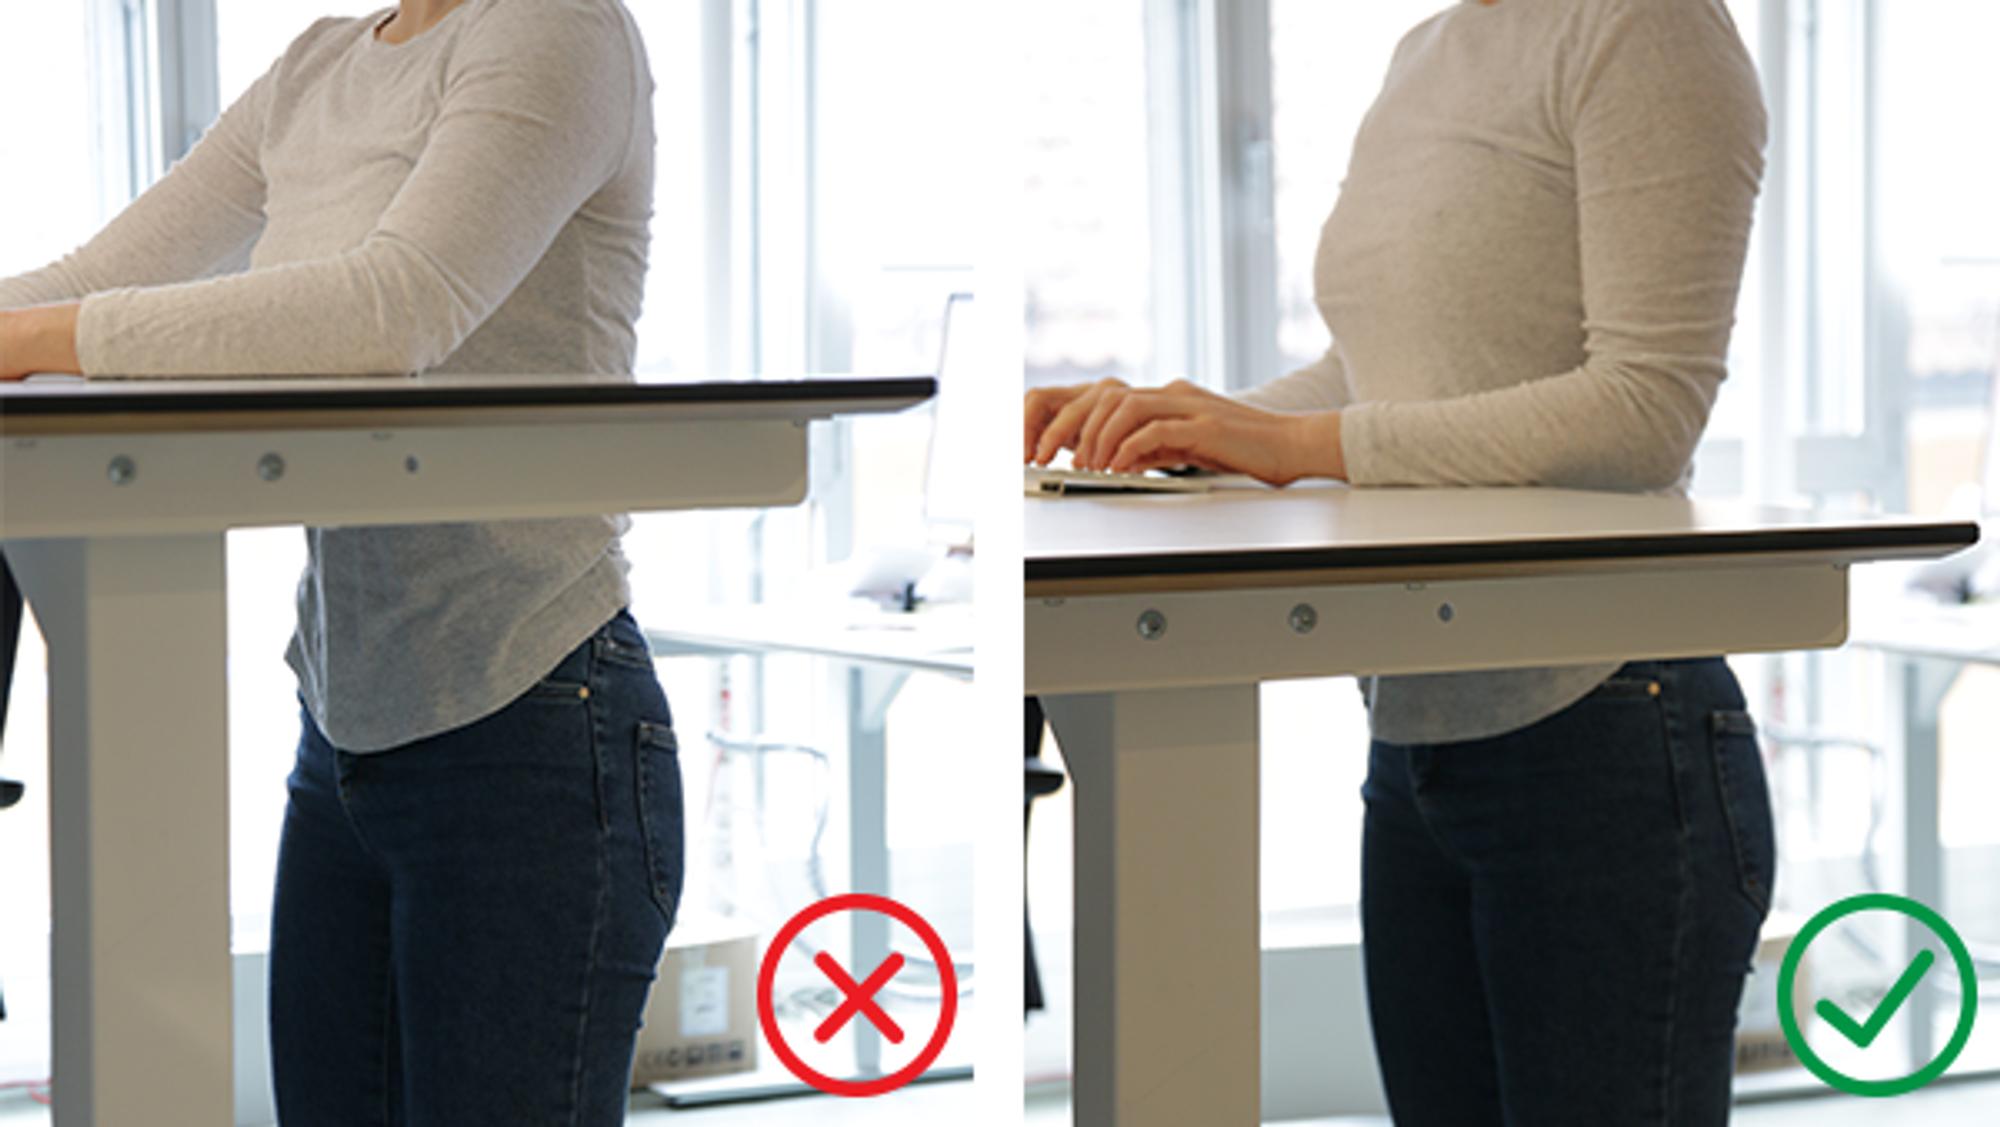 ANNONSE: Står du ved pulten på jobb? Her er 4 ting du bør huske på.